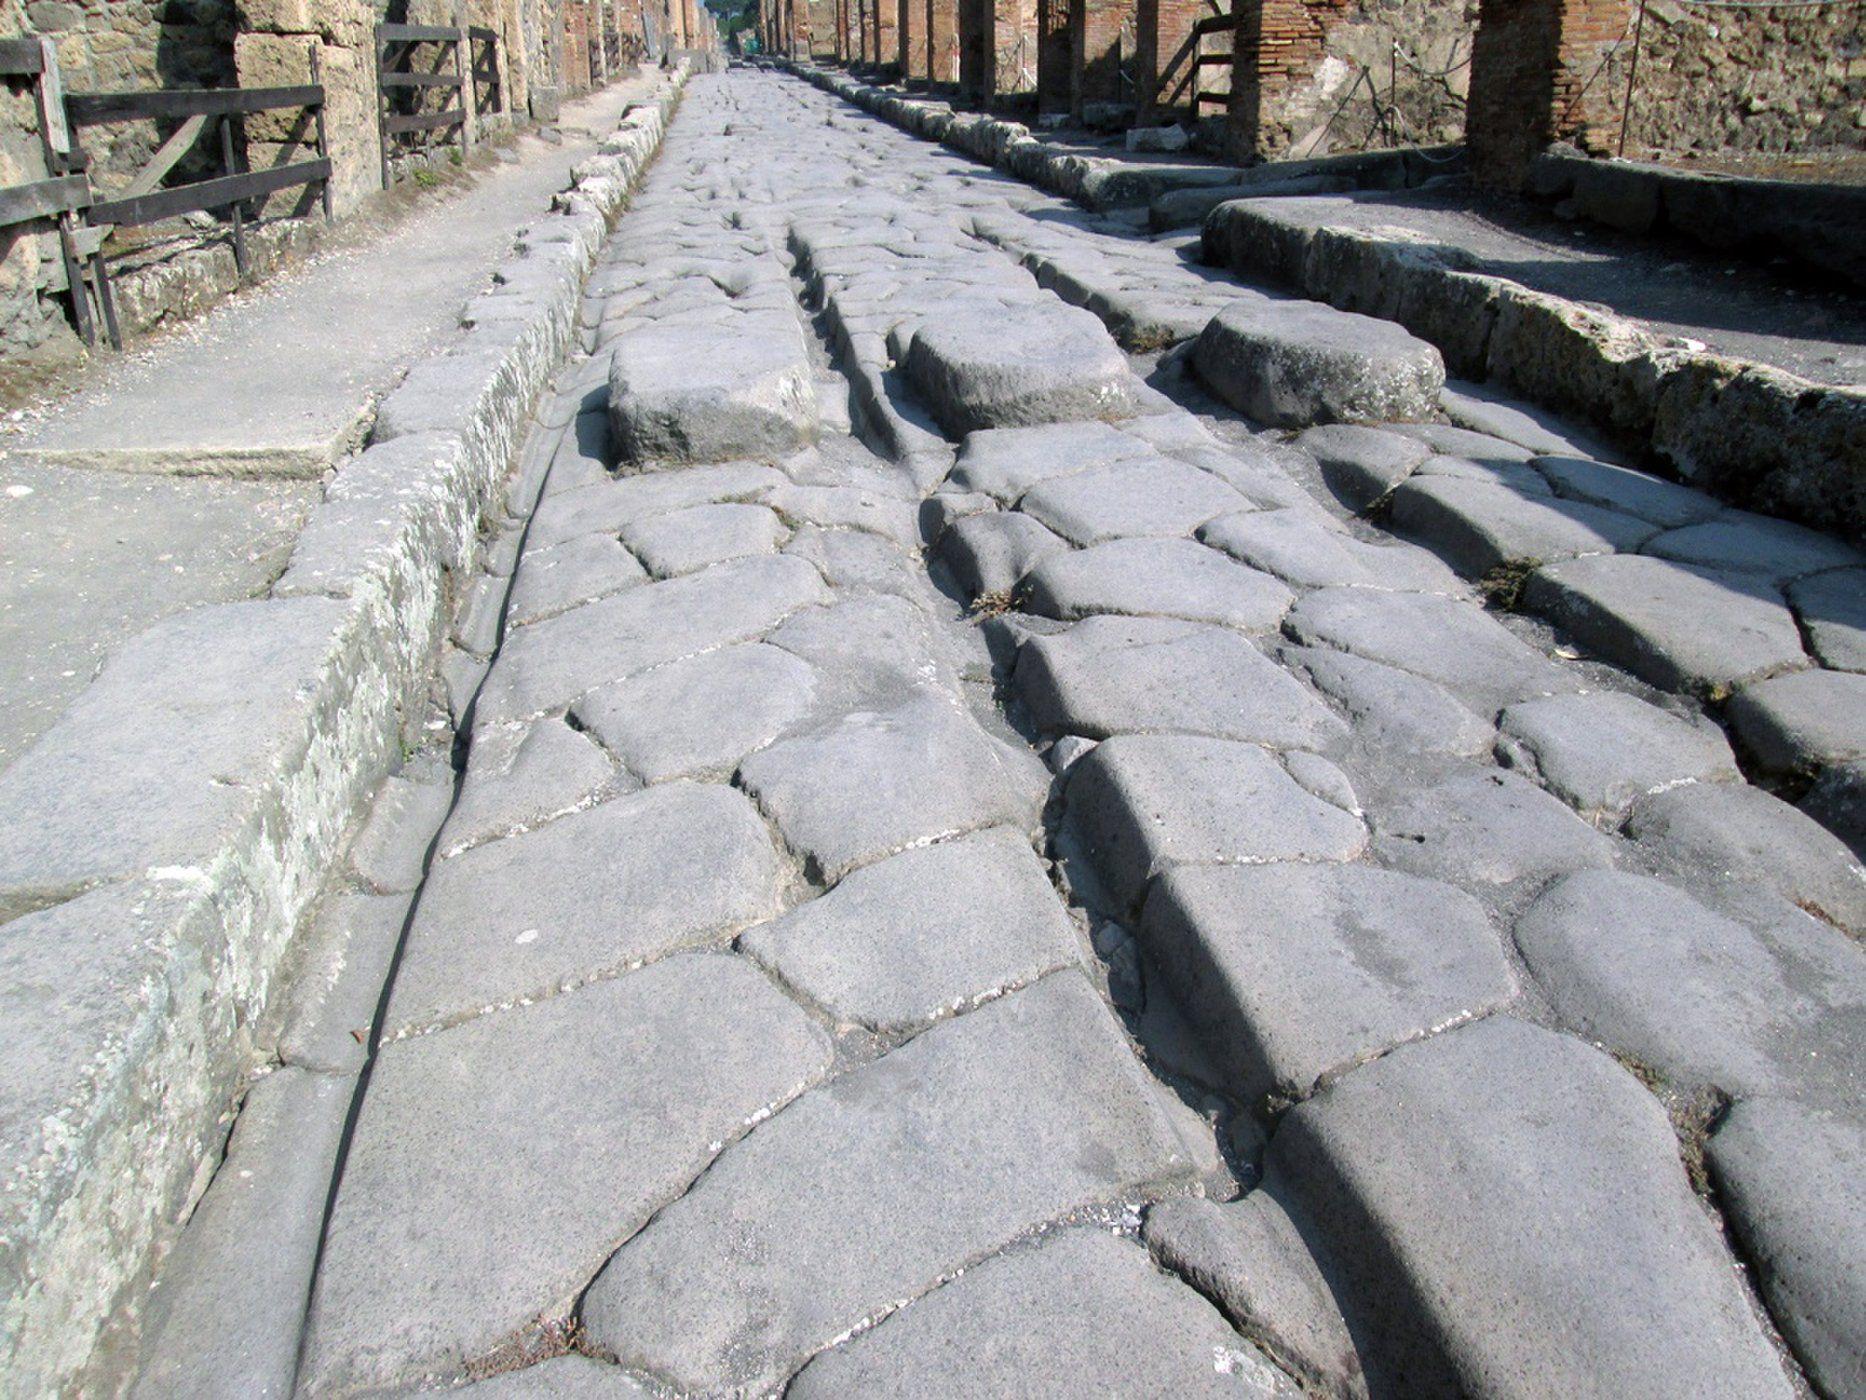 9eb89e4095 Az ókori rómaiak vasat olvaszthattak az úthibák javításához